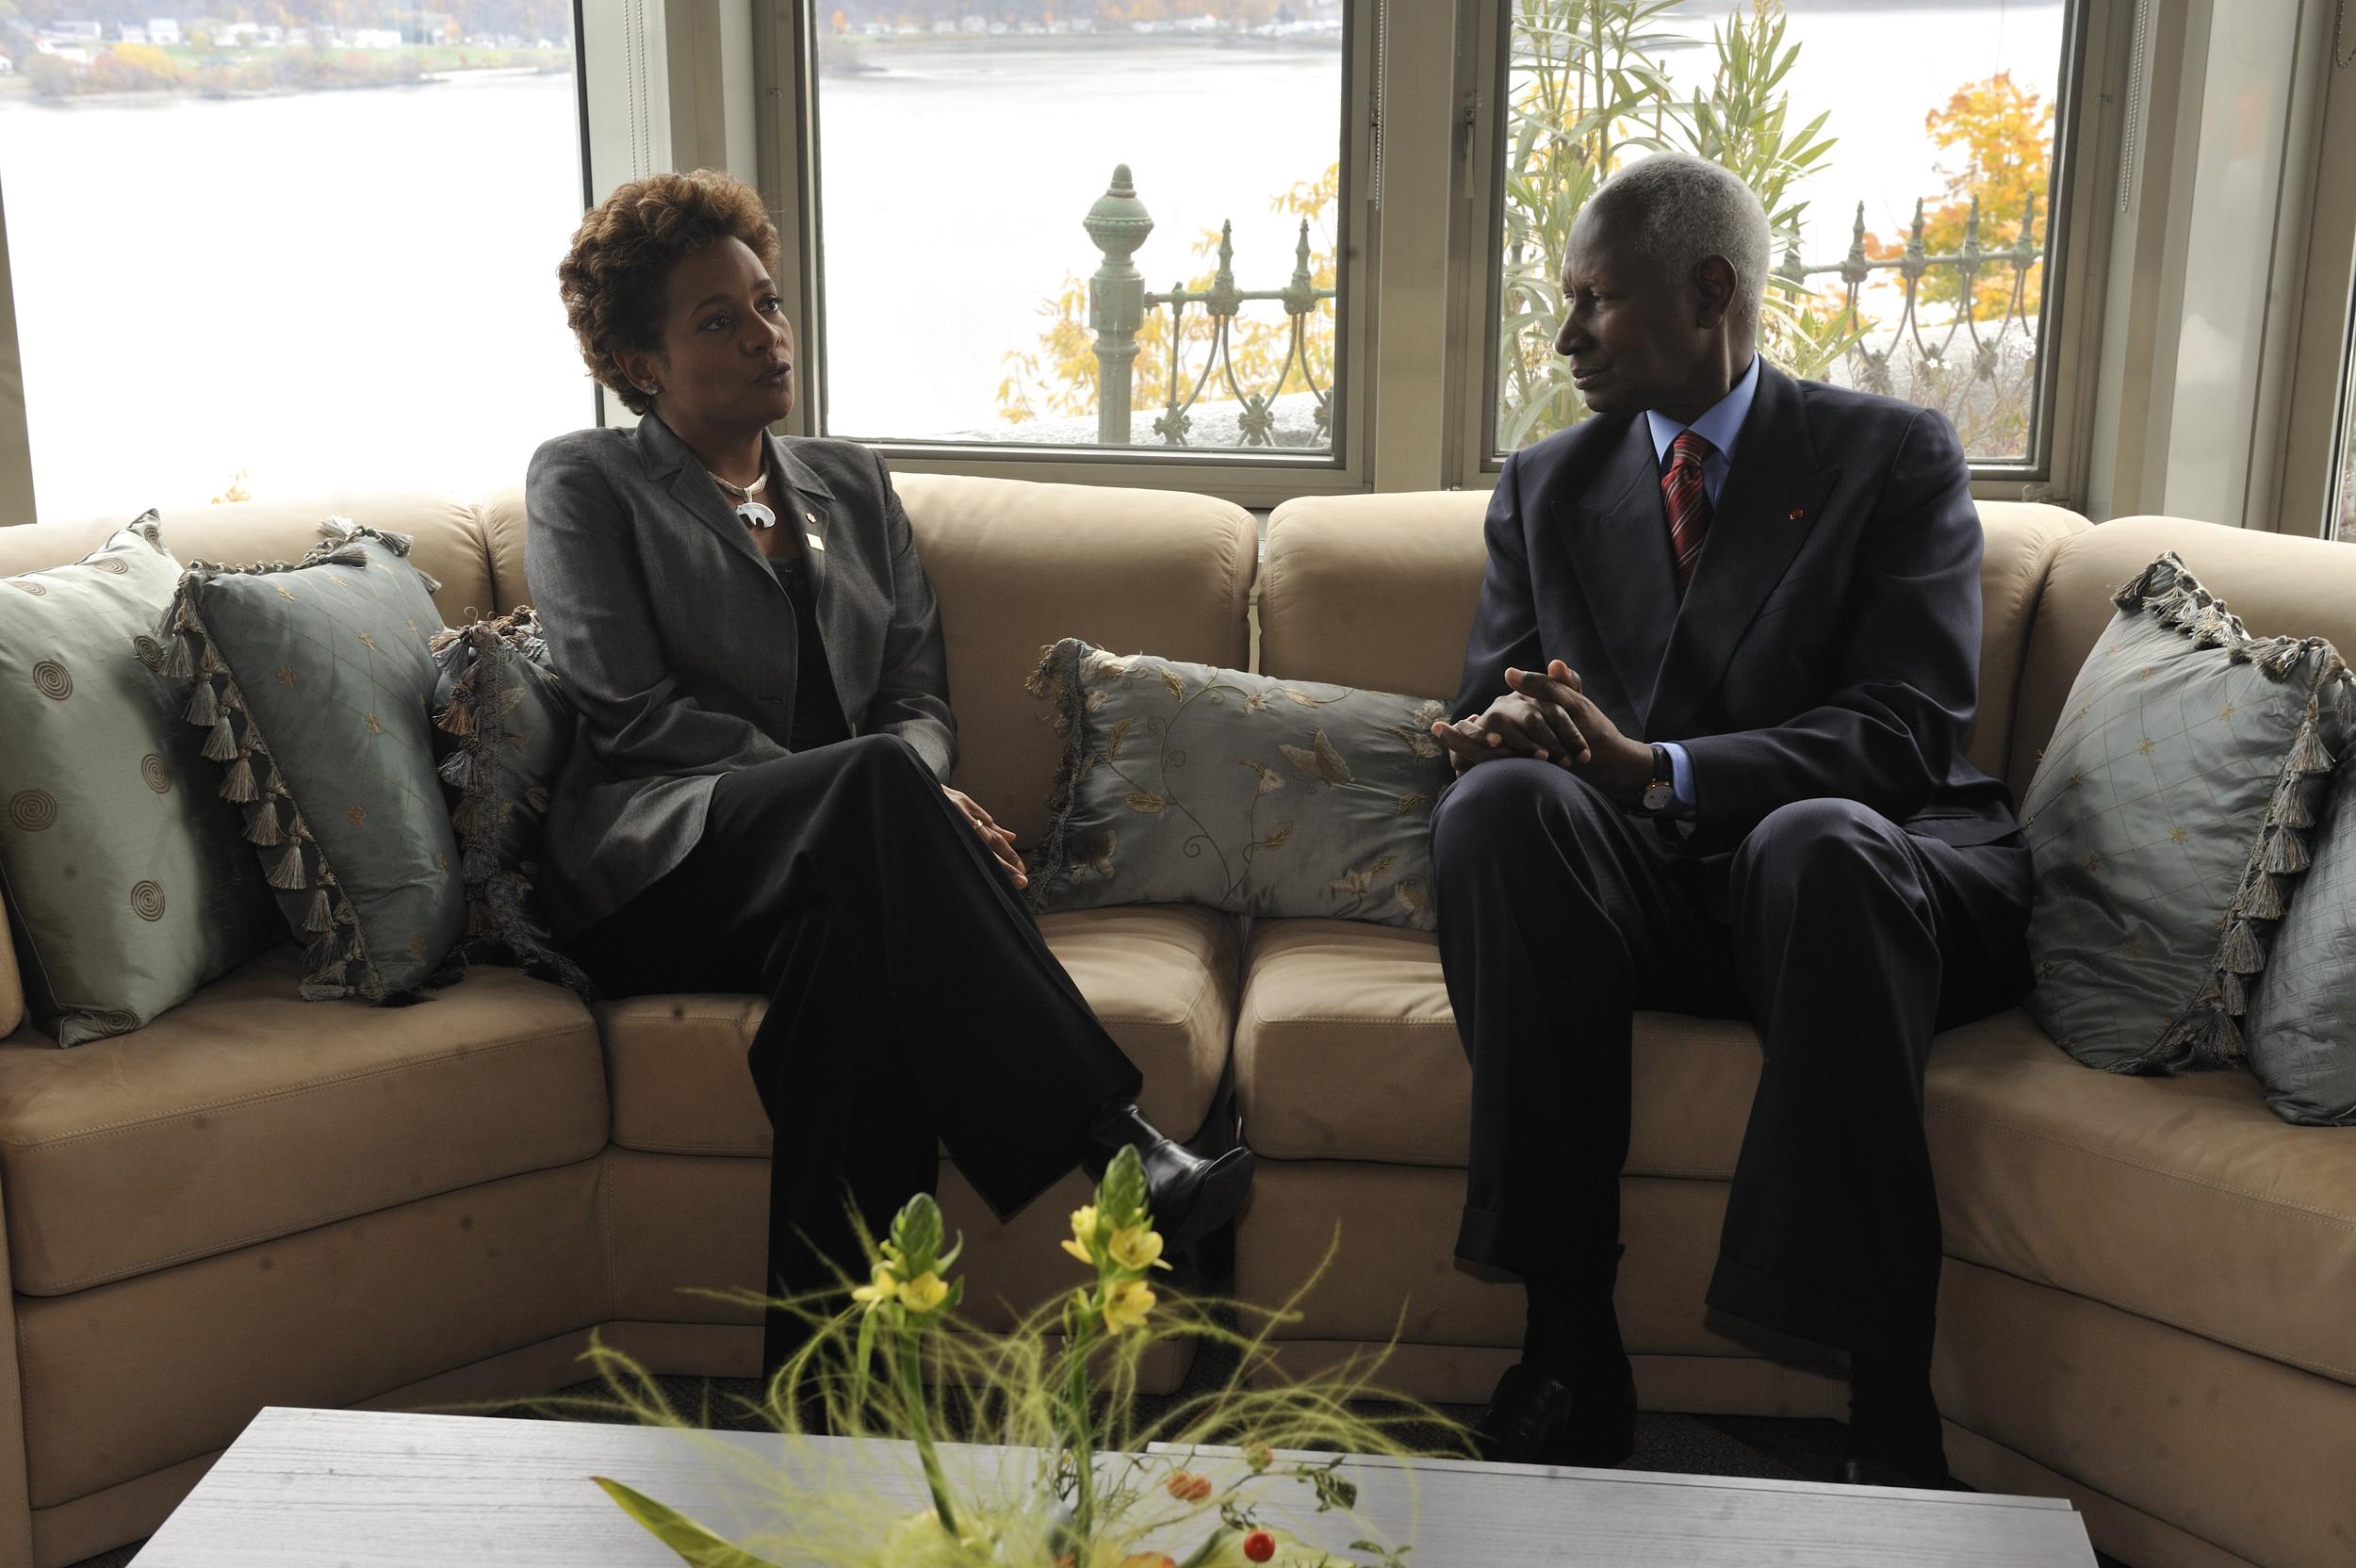 Citadelle, Sommet de la Francophonie, S.G. de la Francophonie, S.E. Abdou Diouf, Octobre 2008 (3).jpg